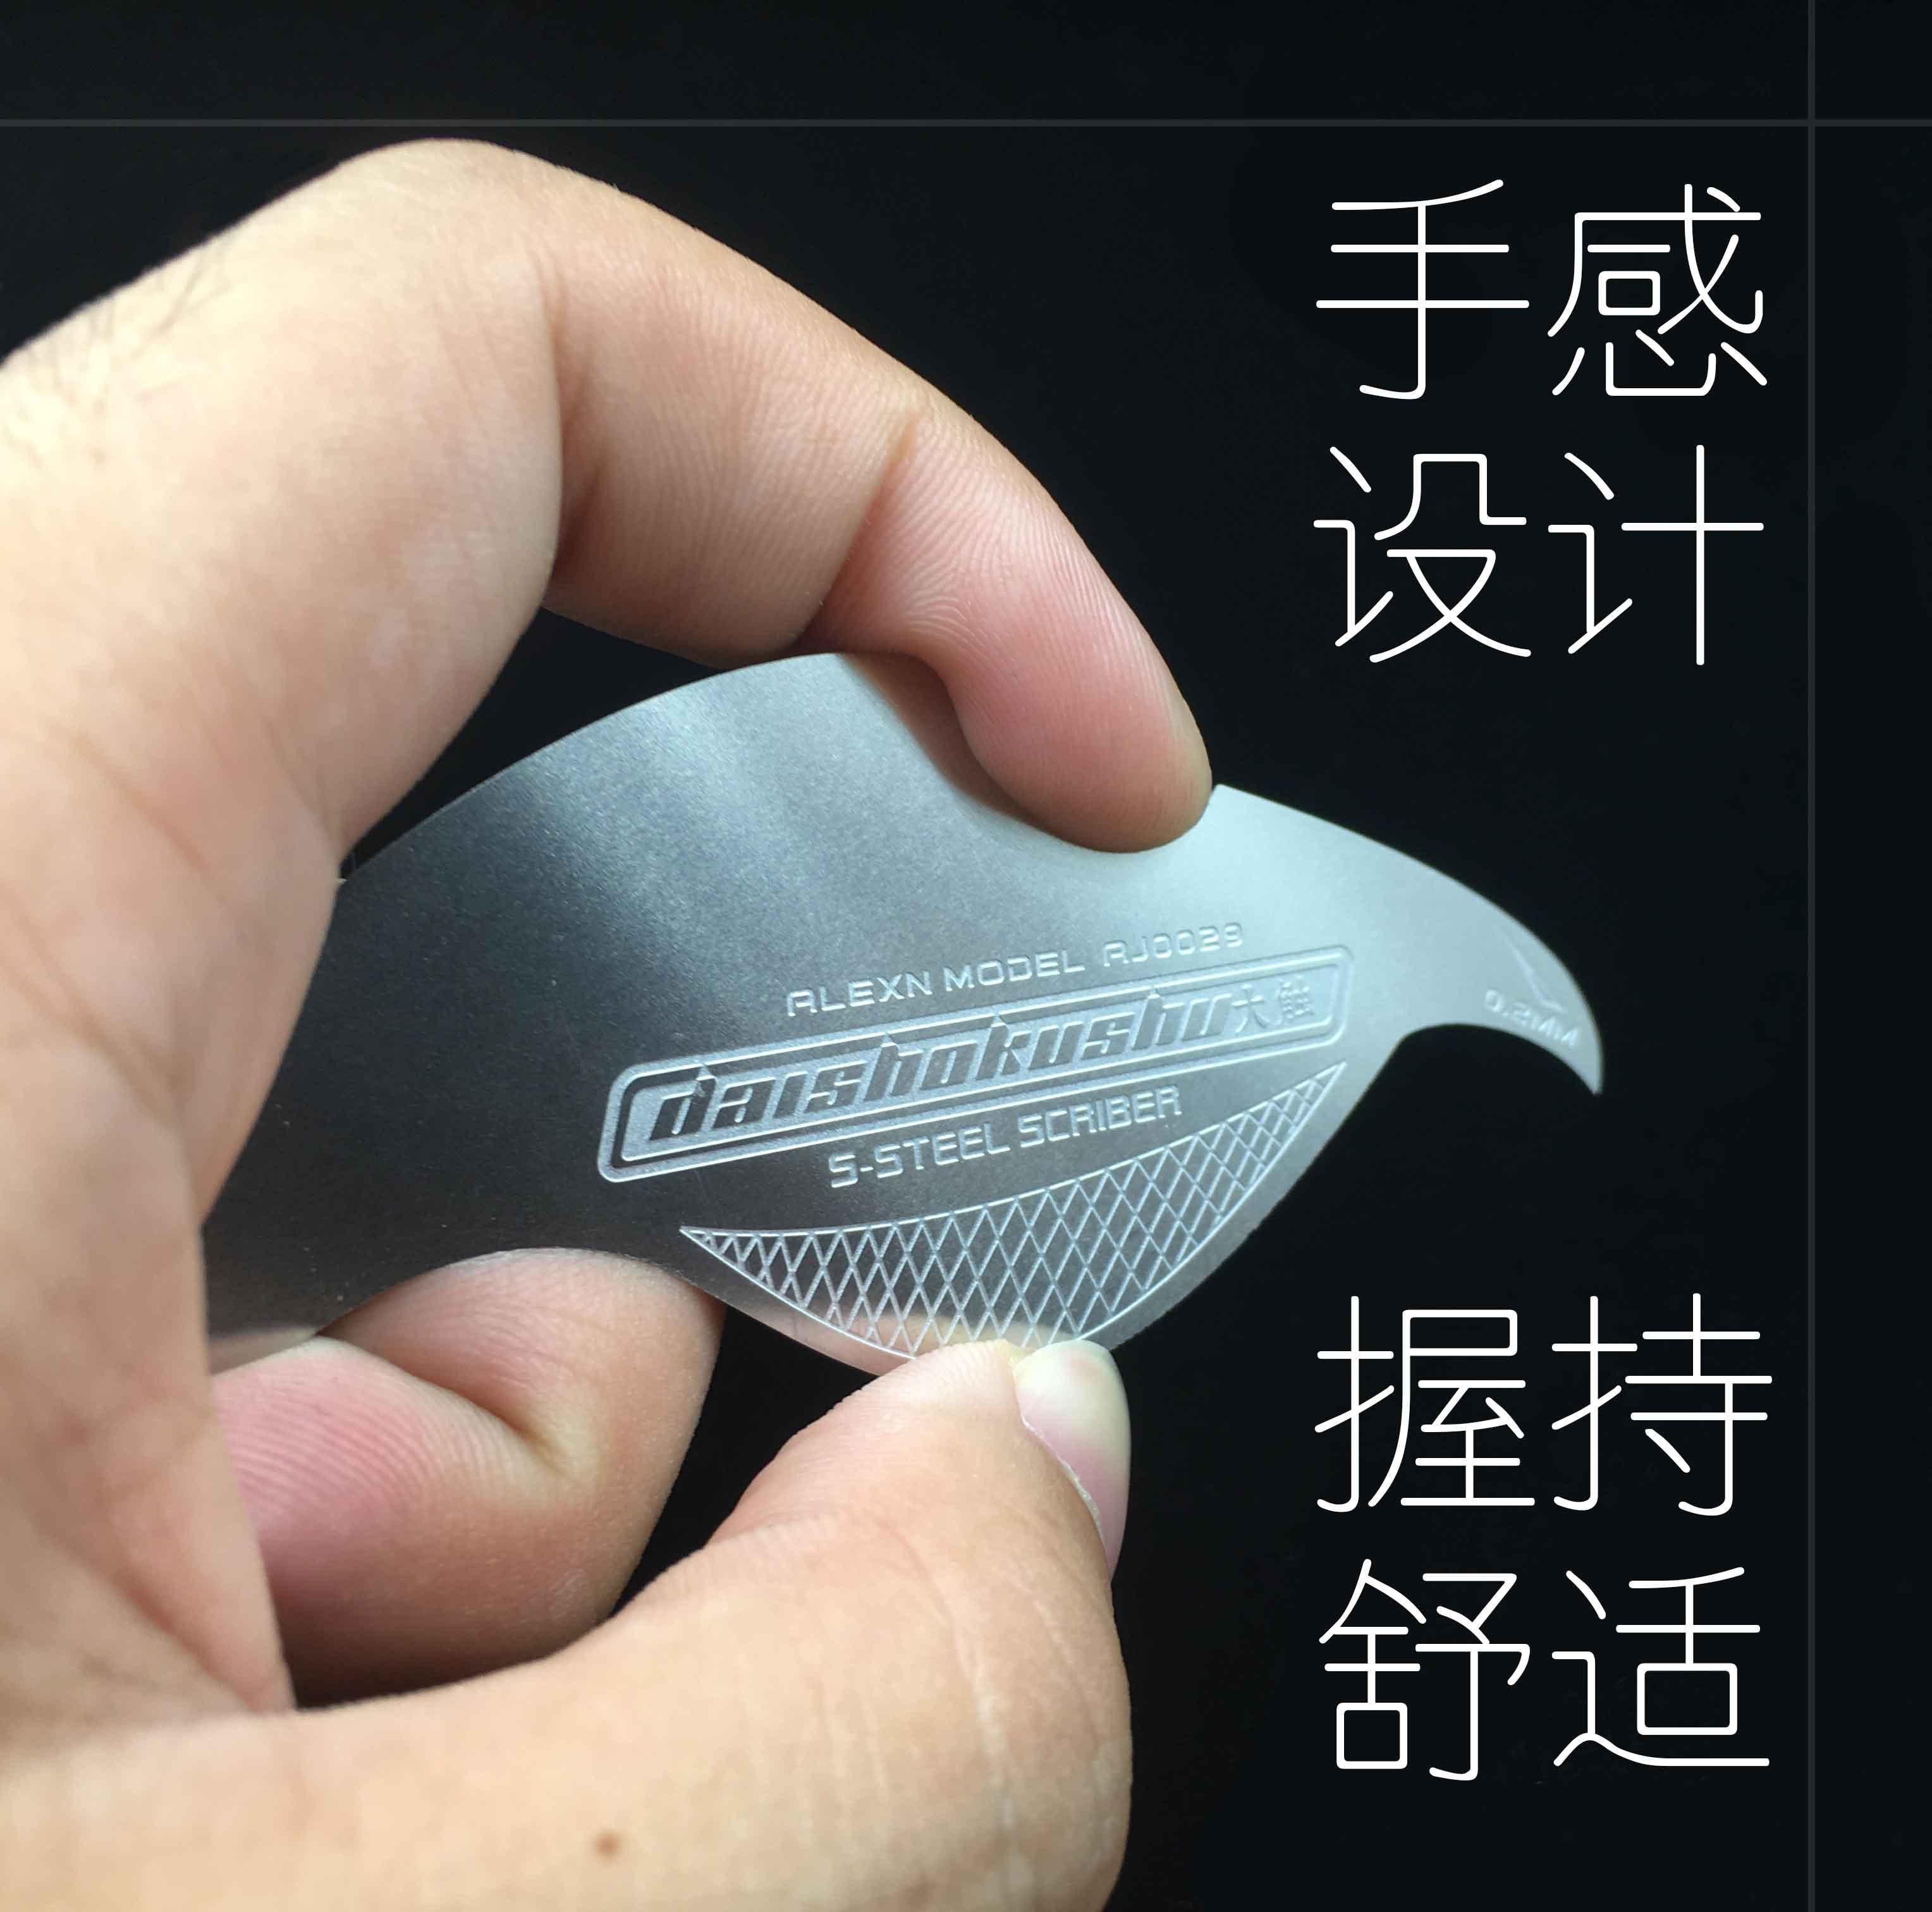 【艾烈臣】高达+胶板改造用 快速拉线刻线 便手刀 0.2mm